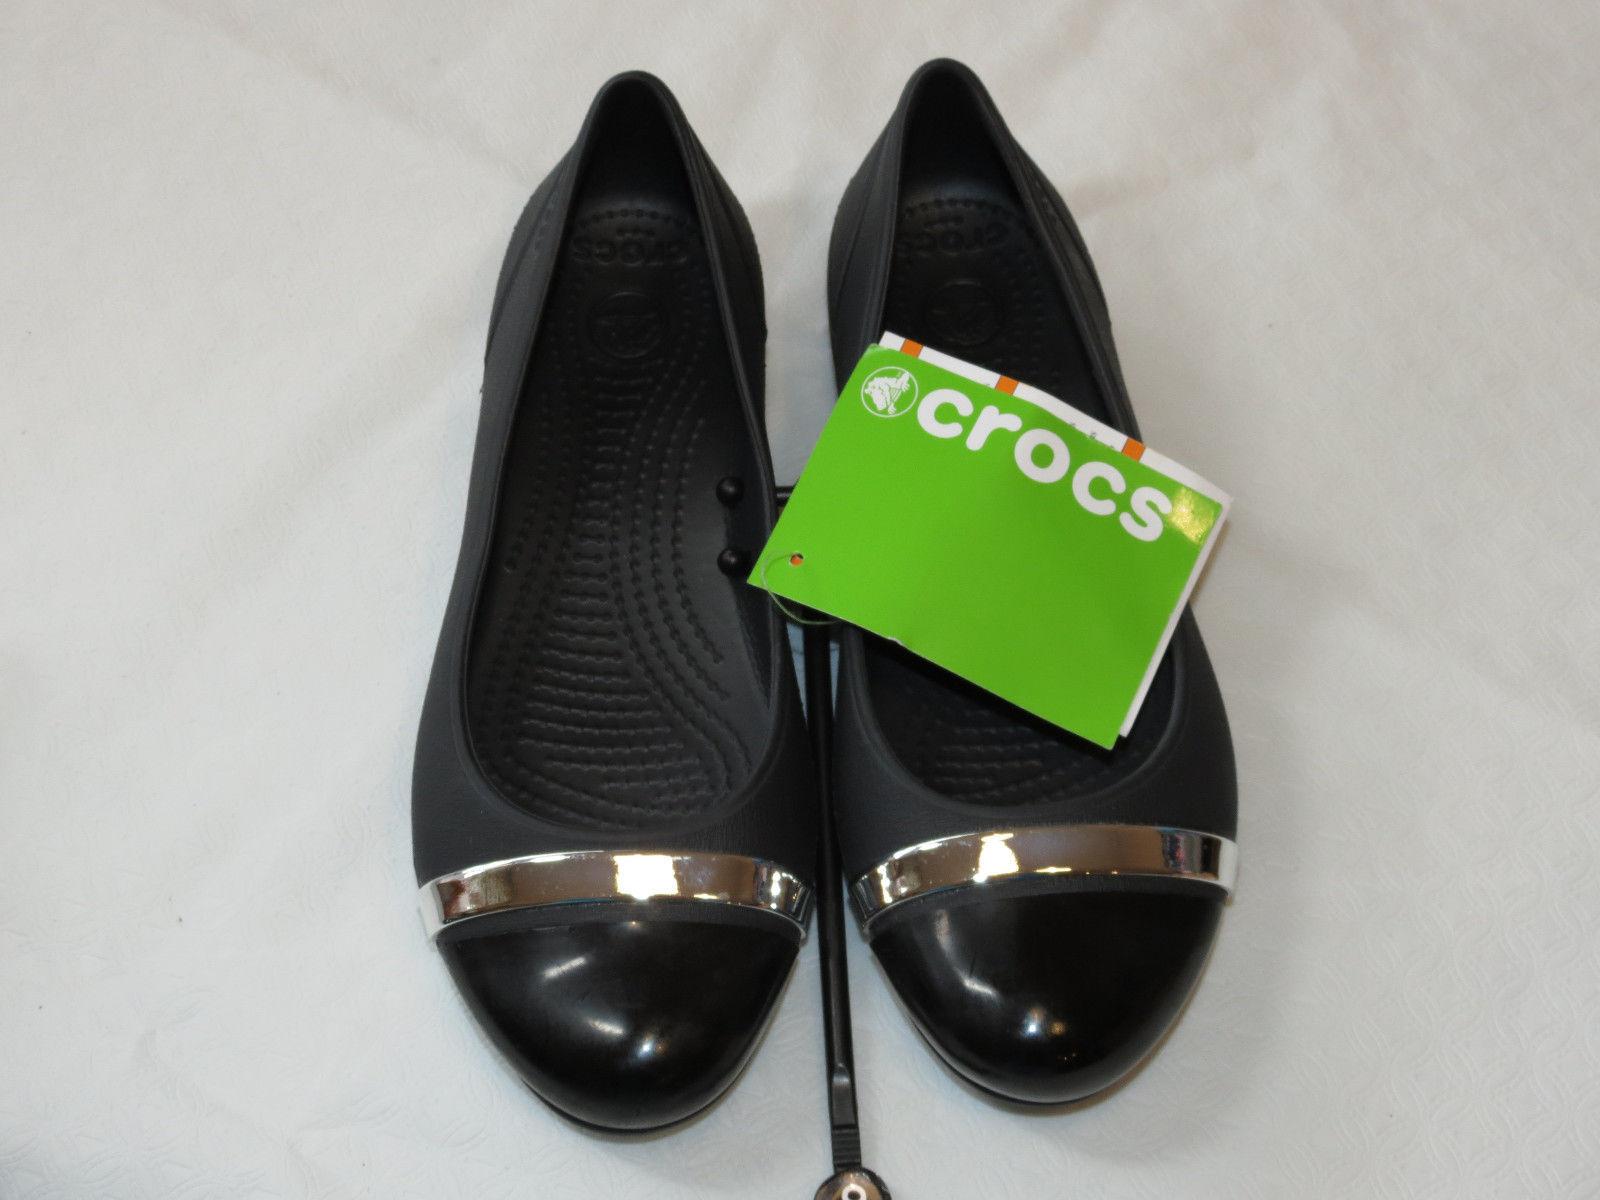 ec3169a4c16e89 Crocs Womens Cap Toe Mirror Flat Black and 50 similar items. S l1600